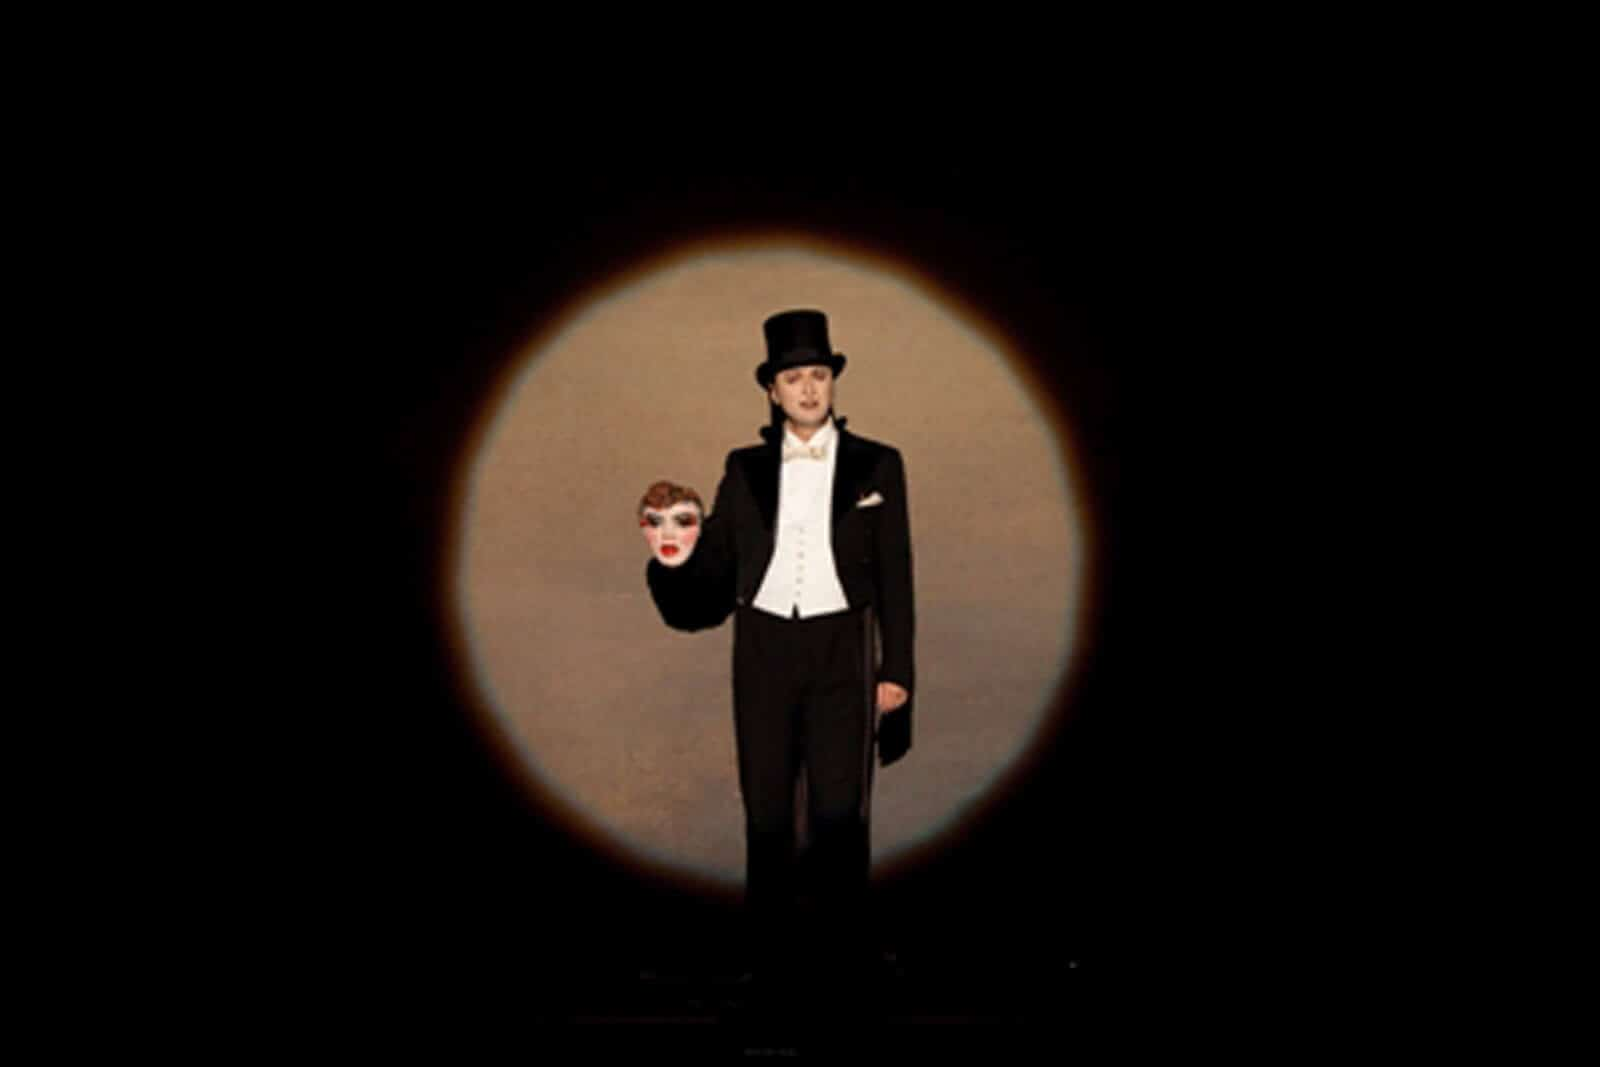 Circo equestre Sgueglia-Teatro Stabile Napoli-3